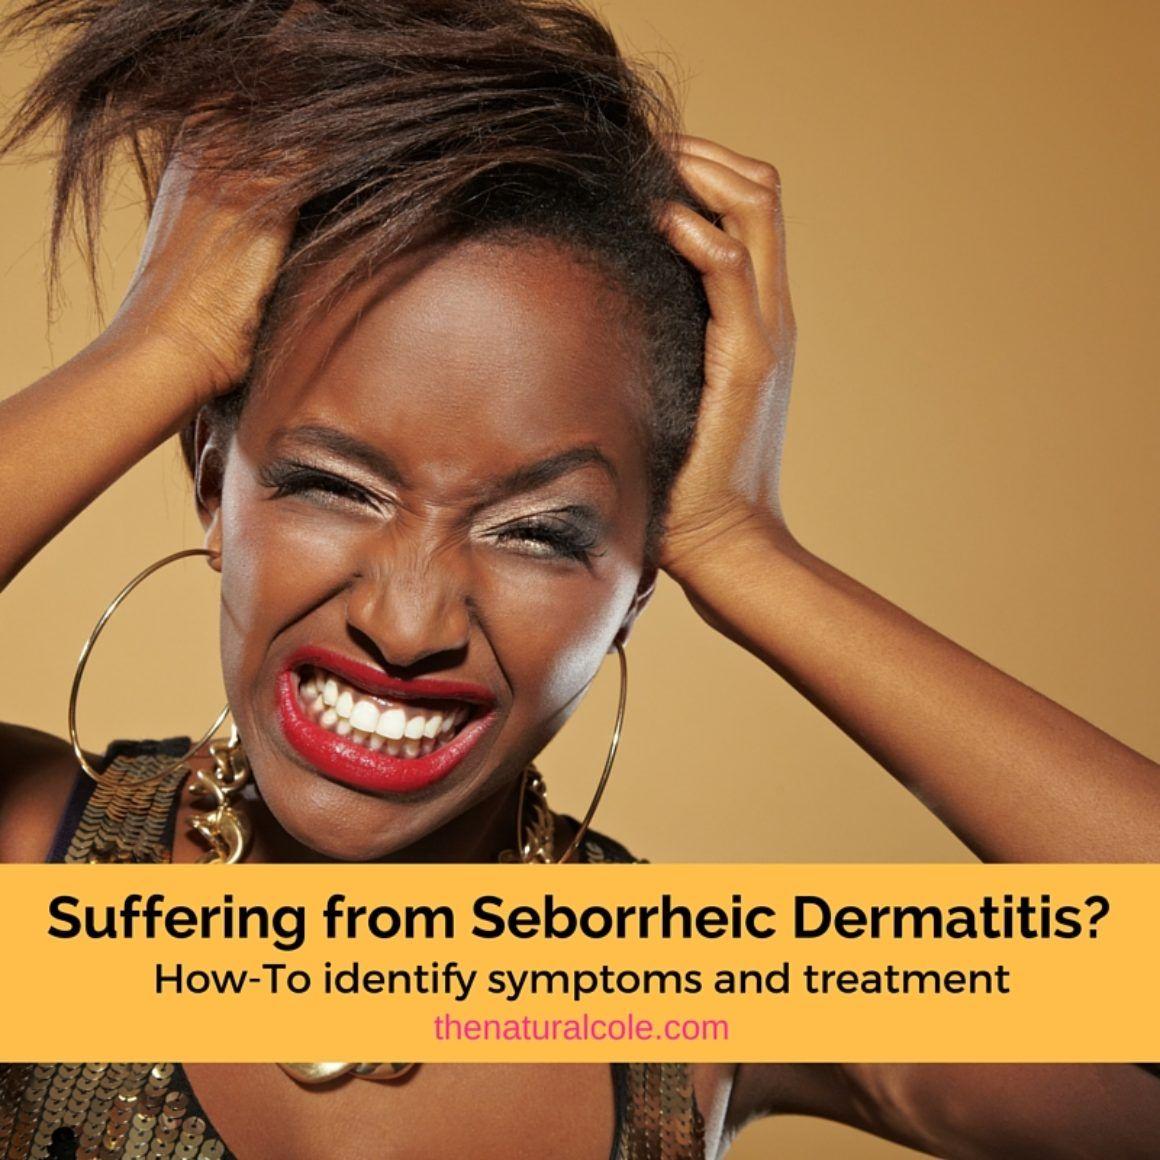 Are you suffering from Seborrheic Dermatitis? Seborrheic